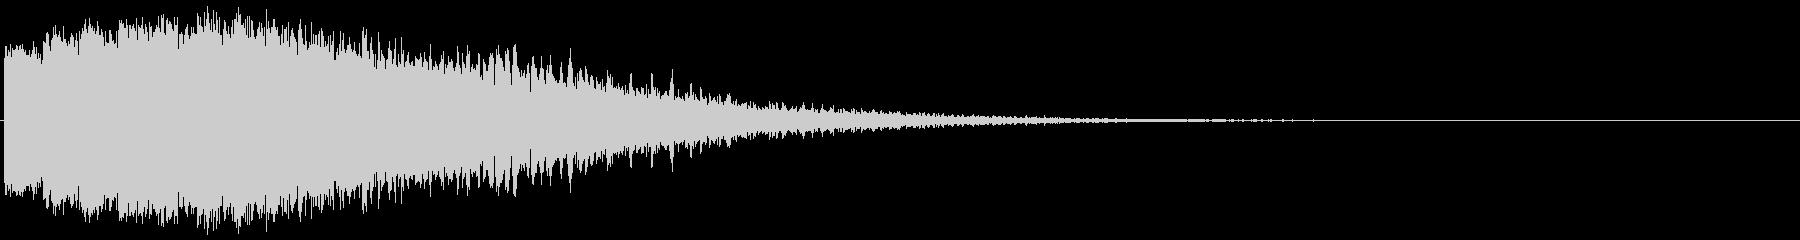 ダメージ音03(魔法・電子系)の未再生の波形